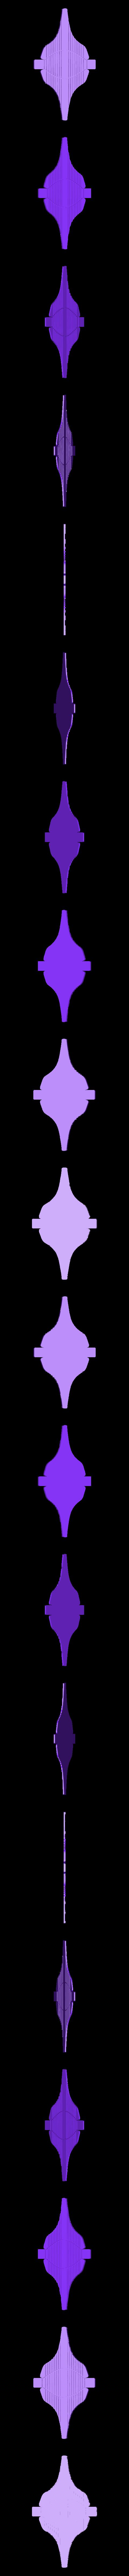 4095a6a4 b3f4 4ec0 bb41 a14e450e91b4